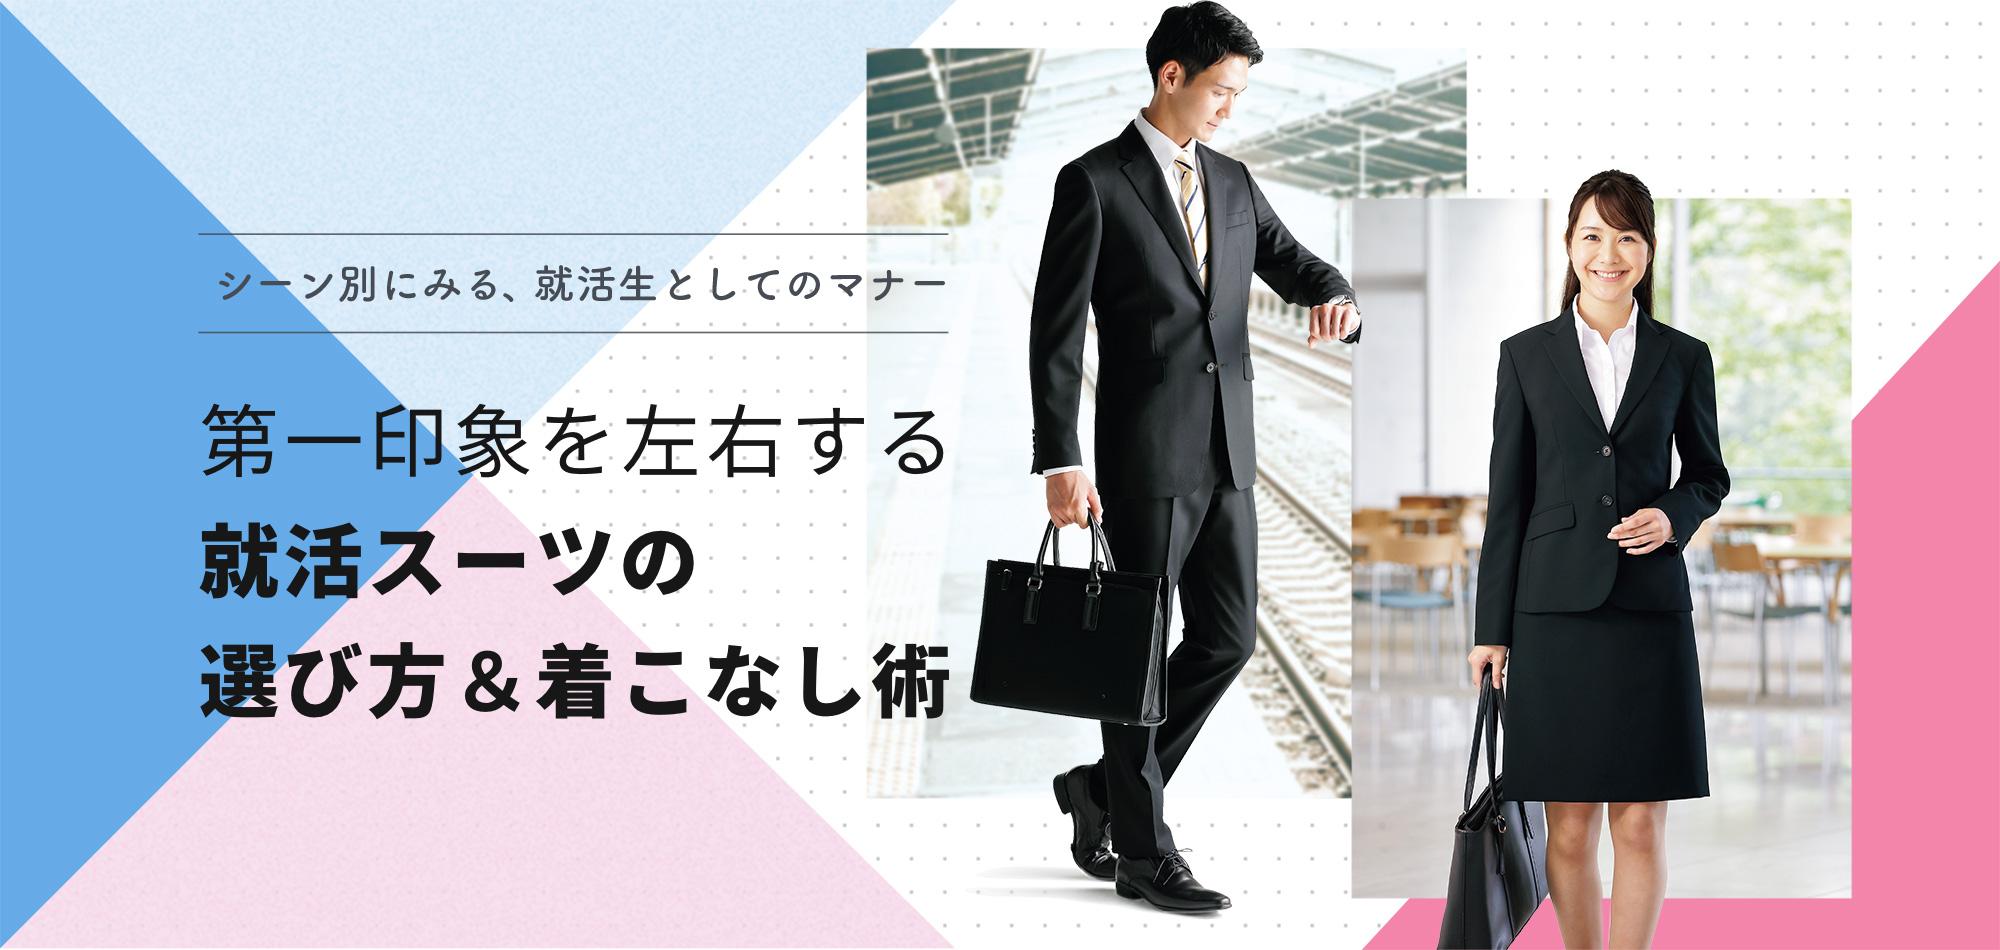 シーン別にみる、就活生としてのマナー 第一印象を左右する就活スーツの選び方&着こなし術